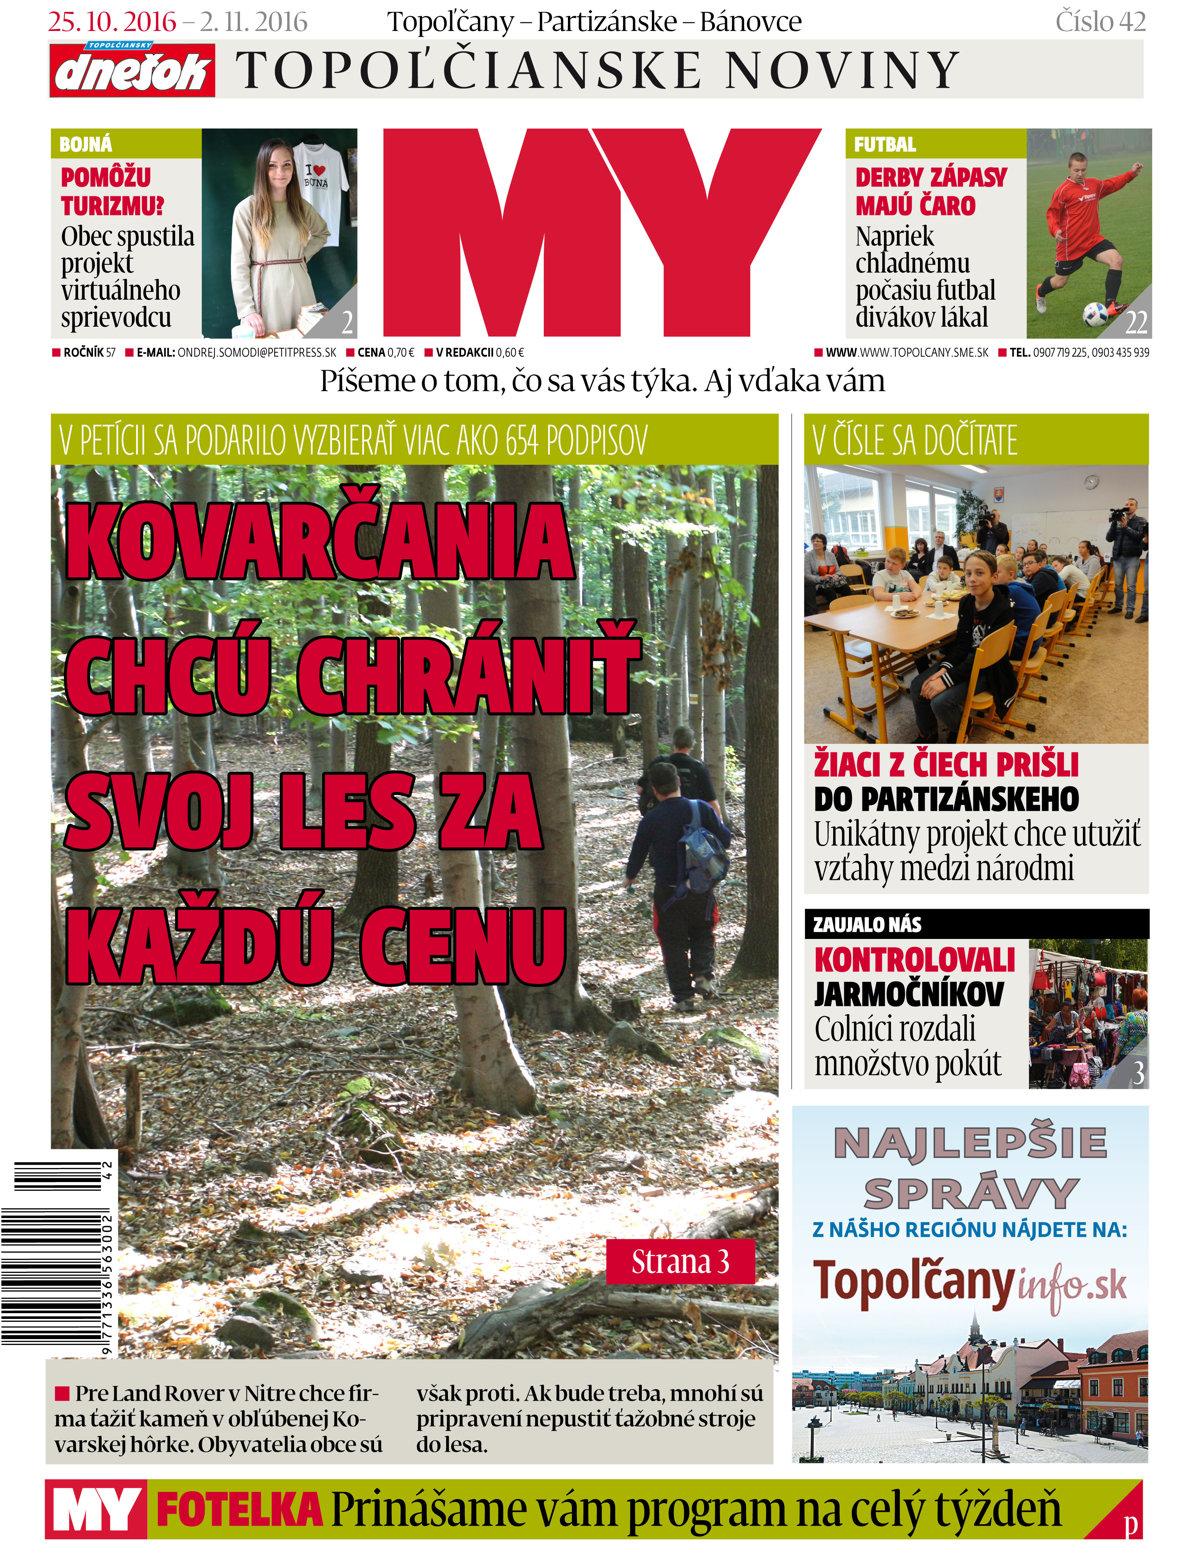 3b8e67389 MY Topoľčianske noviny Dnešok vyšli utorok